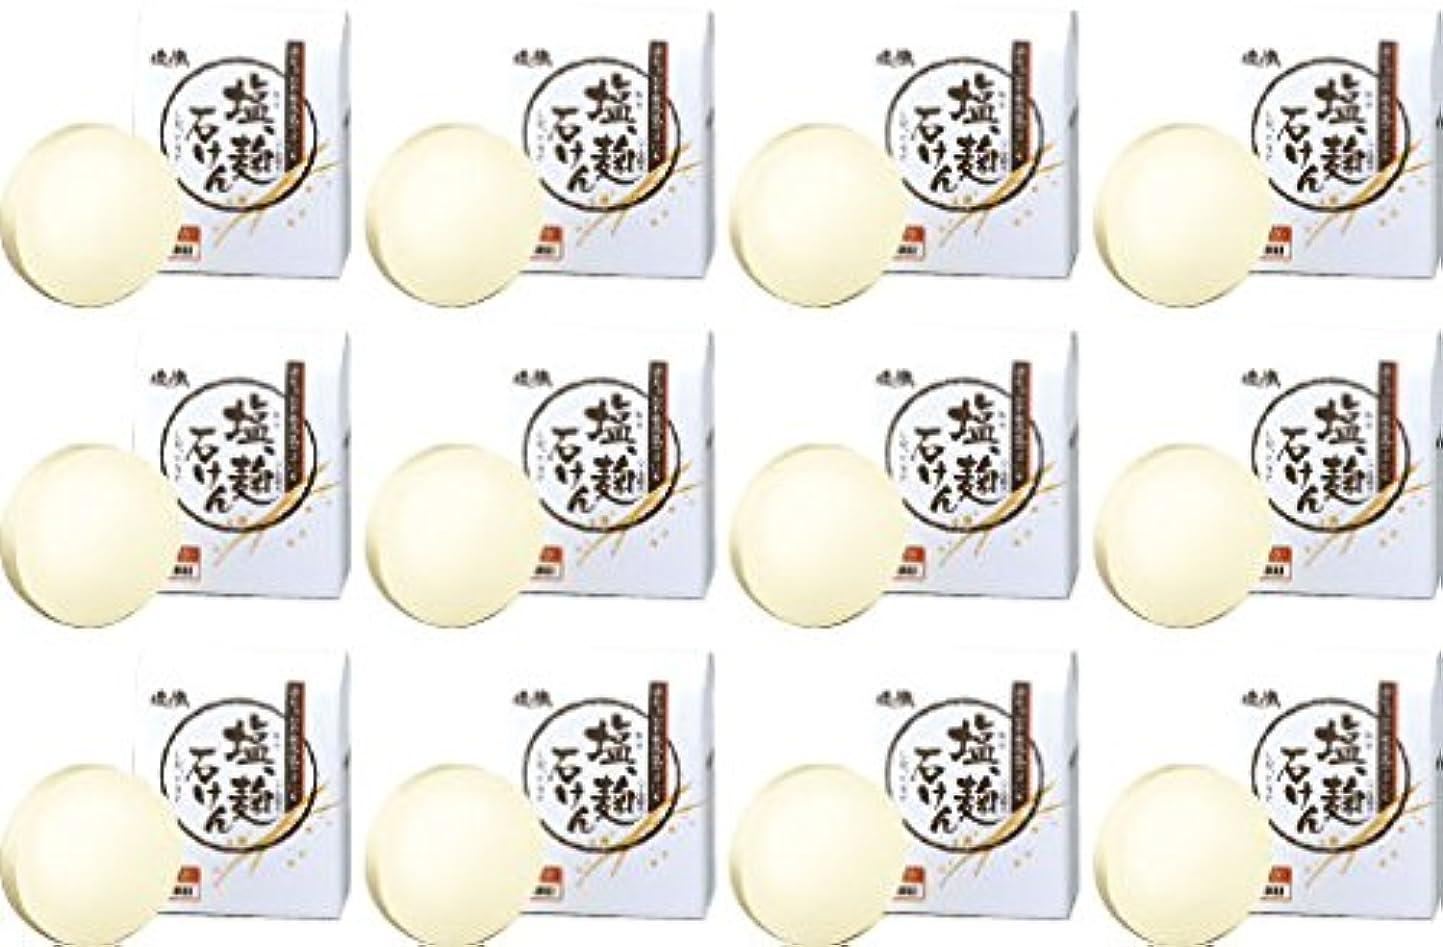 スナッププレート検索エンジンマーケティングダイム 塩の精 無添加 塩、麹石けん 80g 12個セット